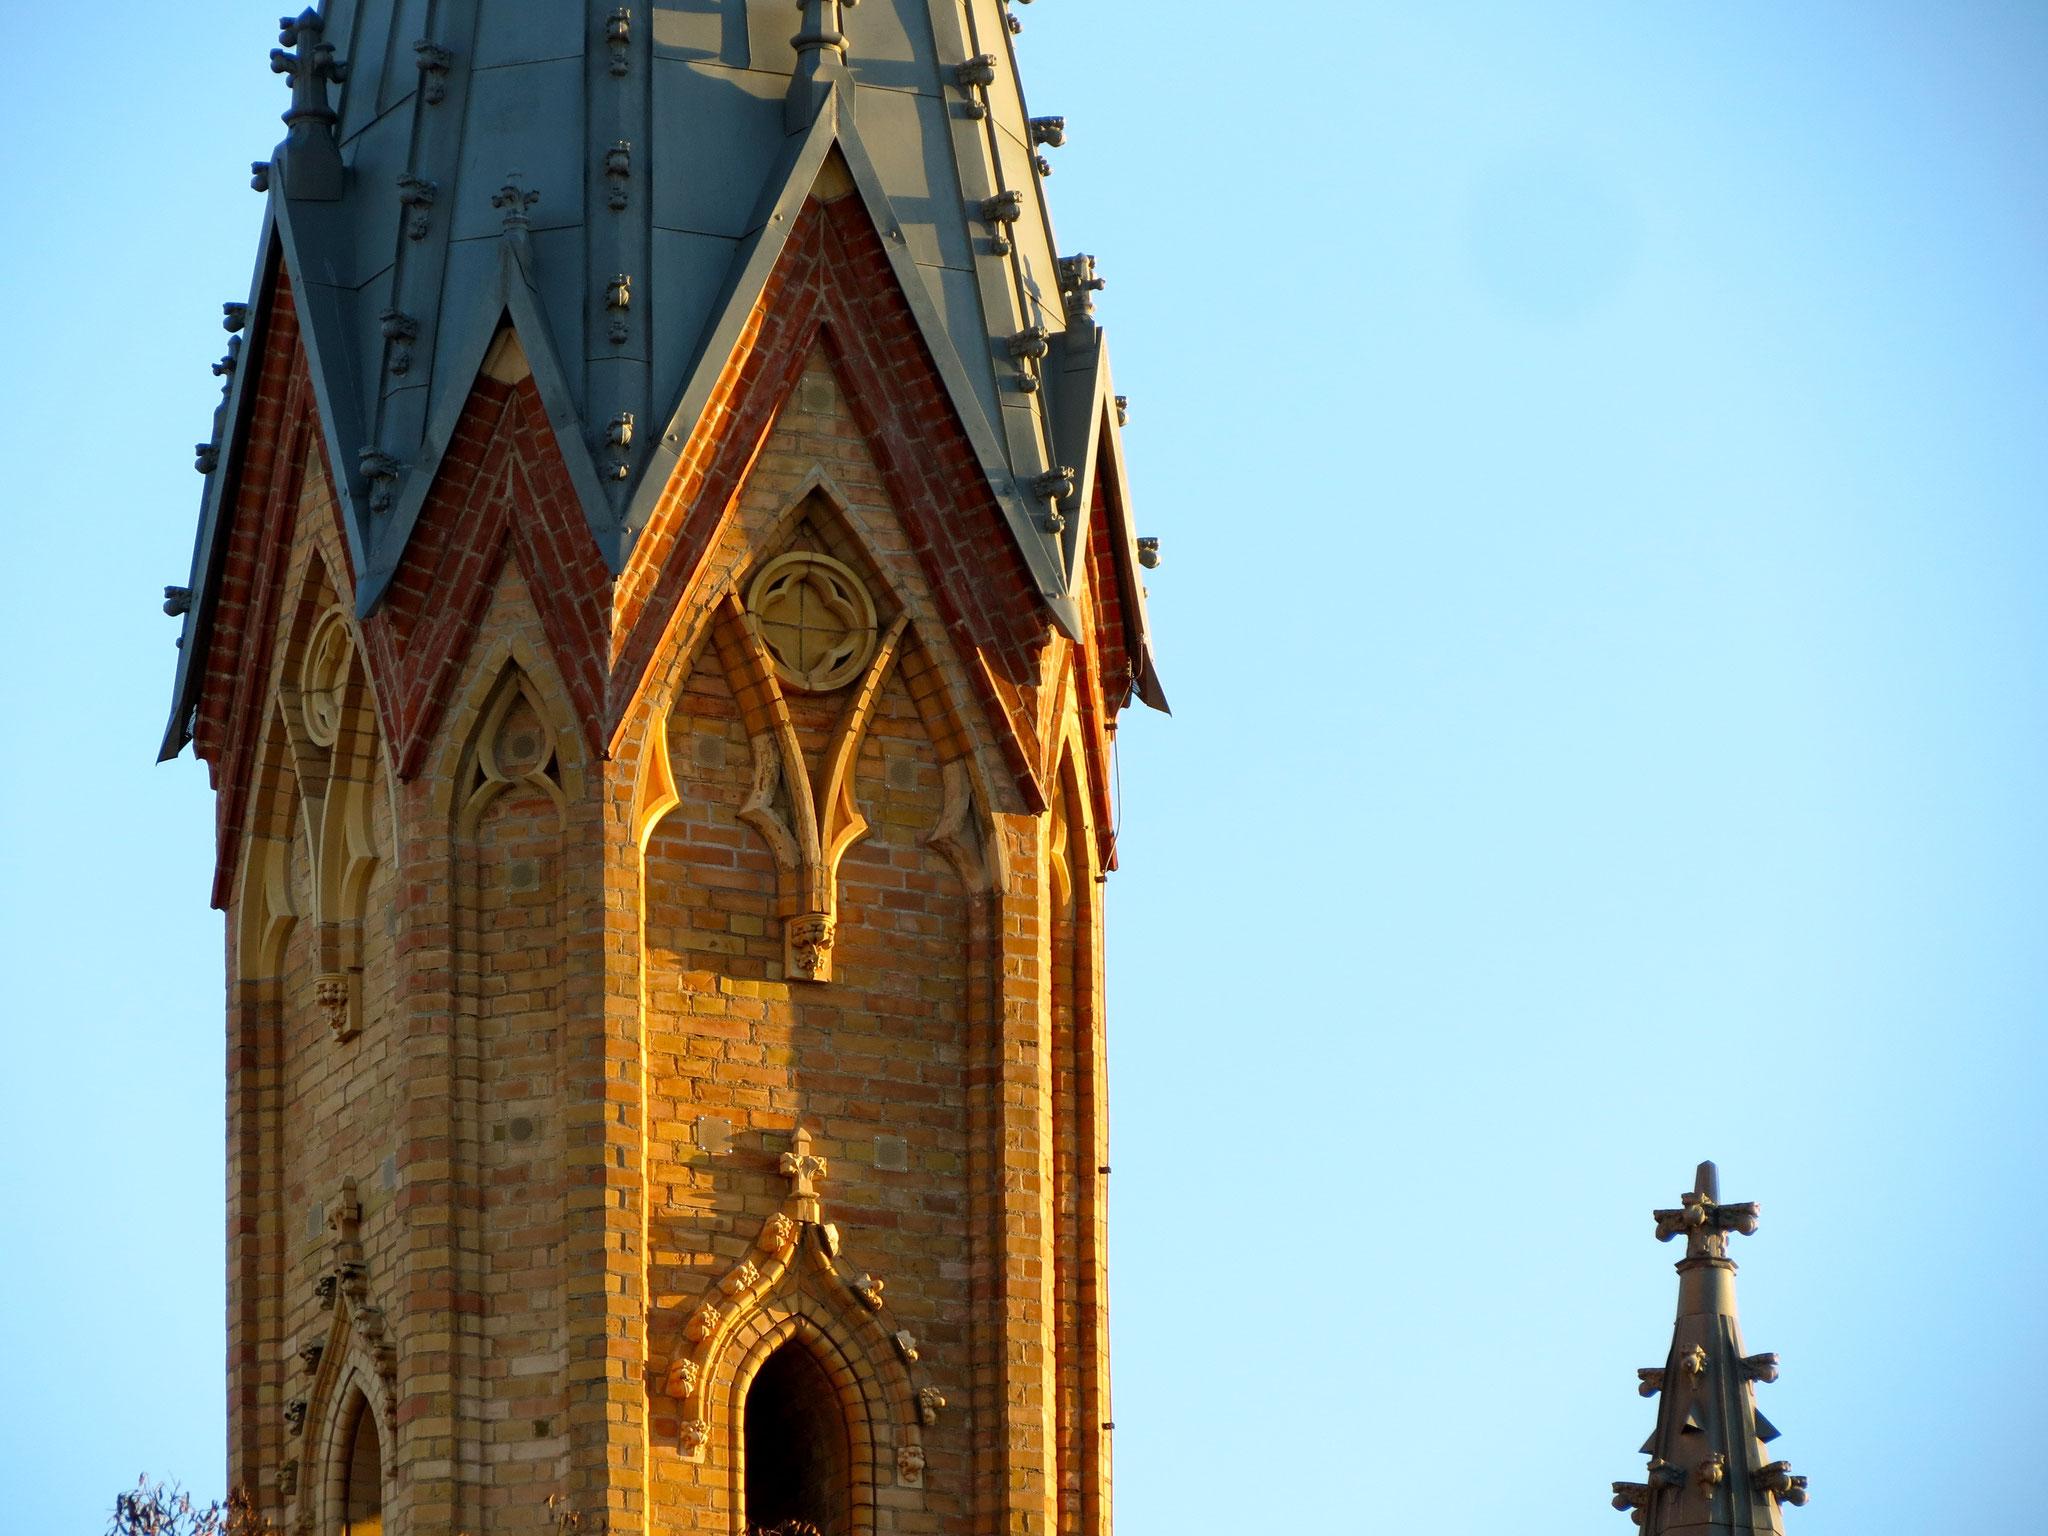 Teil der Schlosskirche Neustrelitz